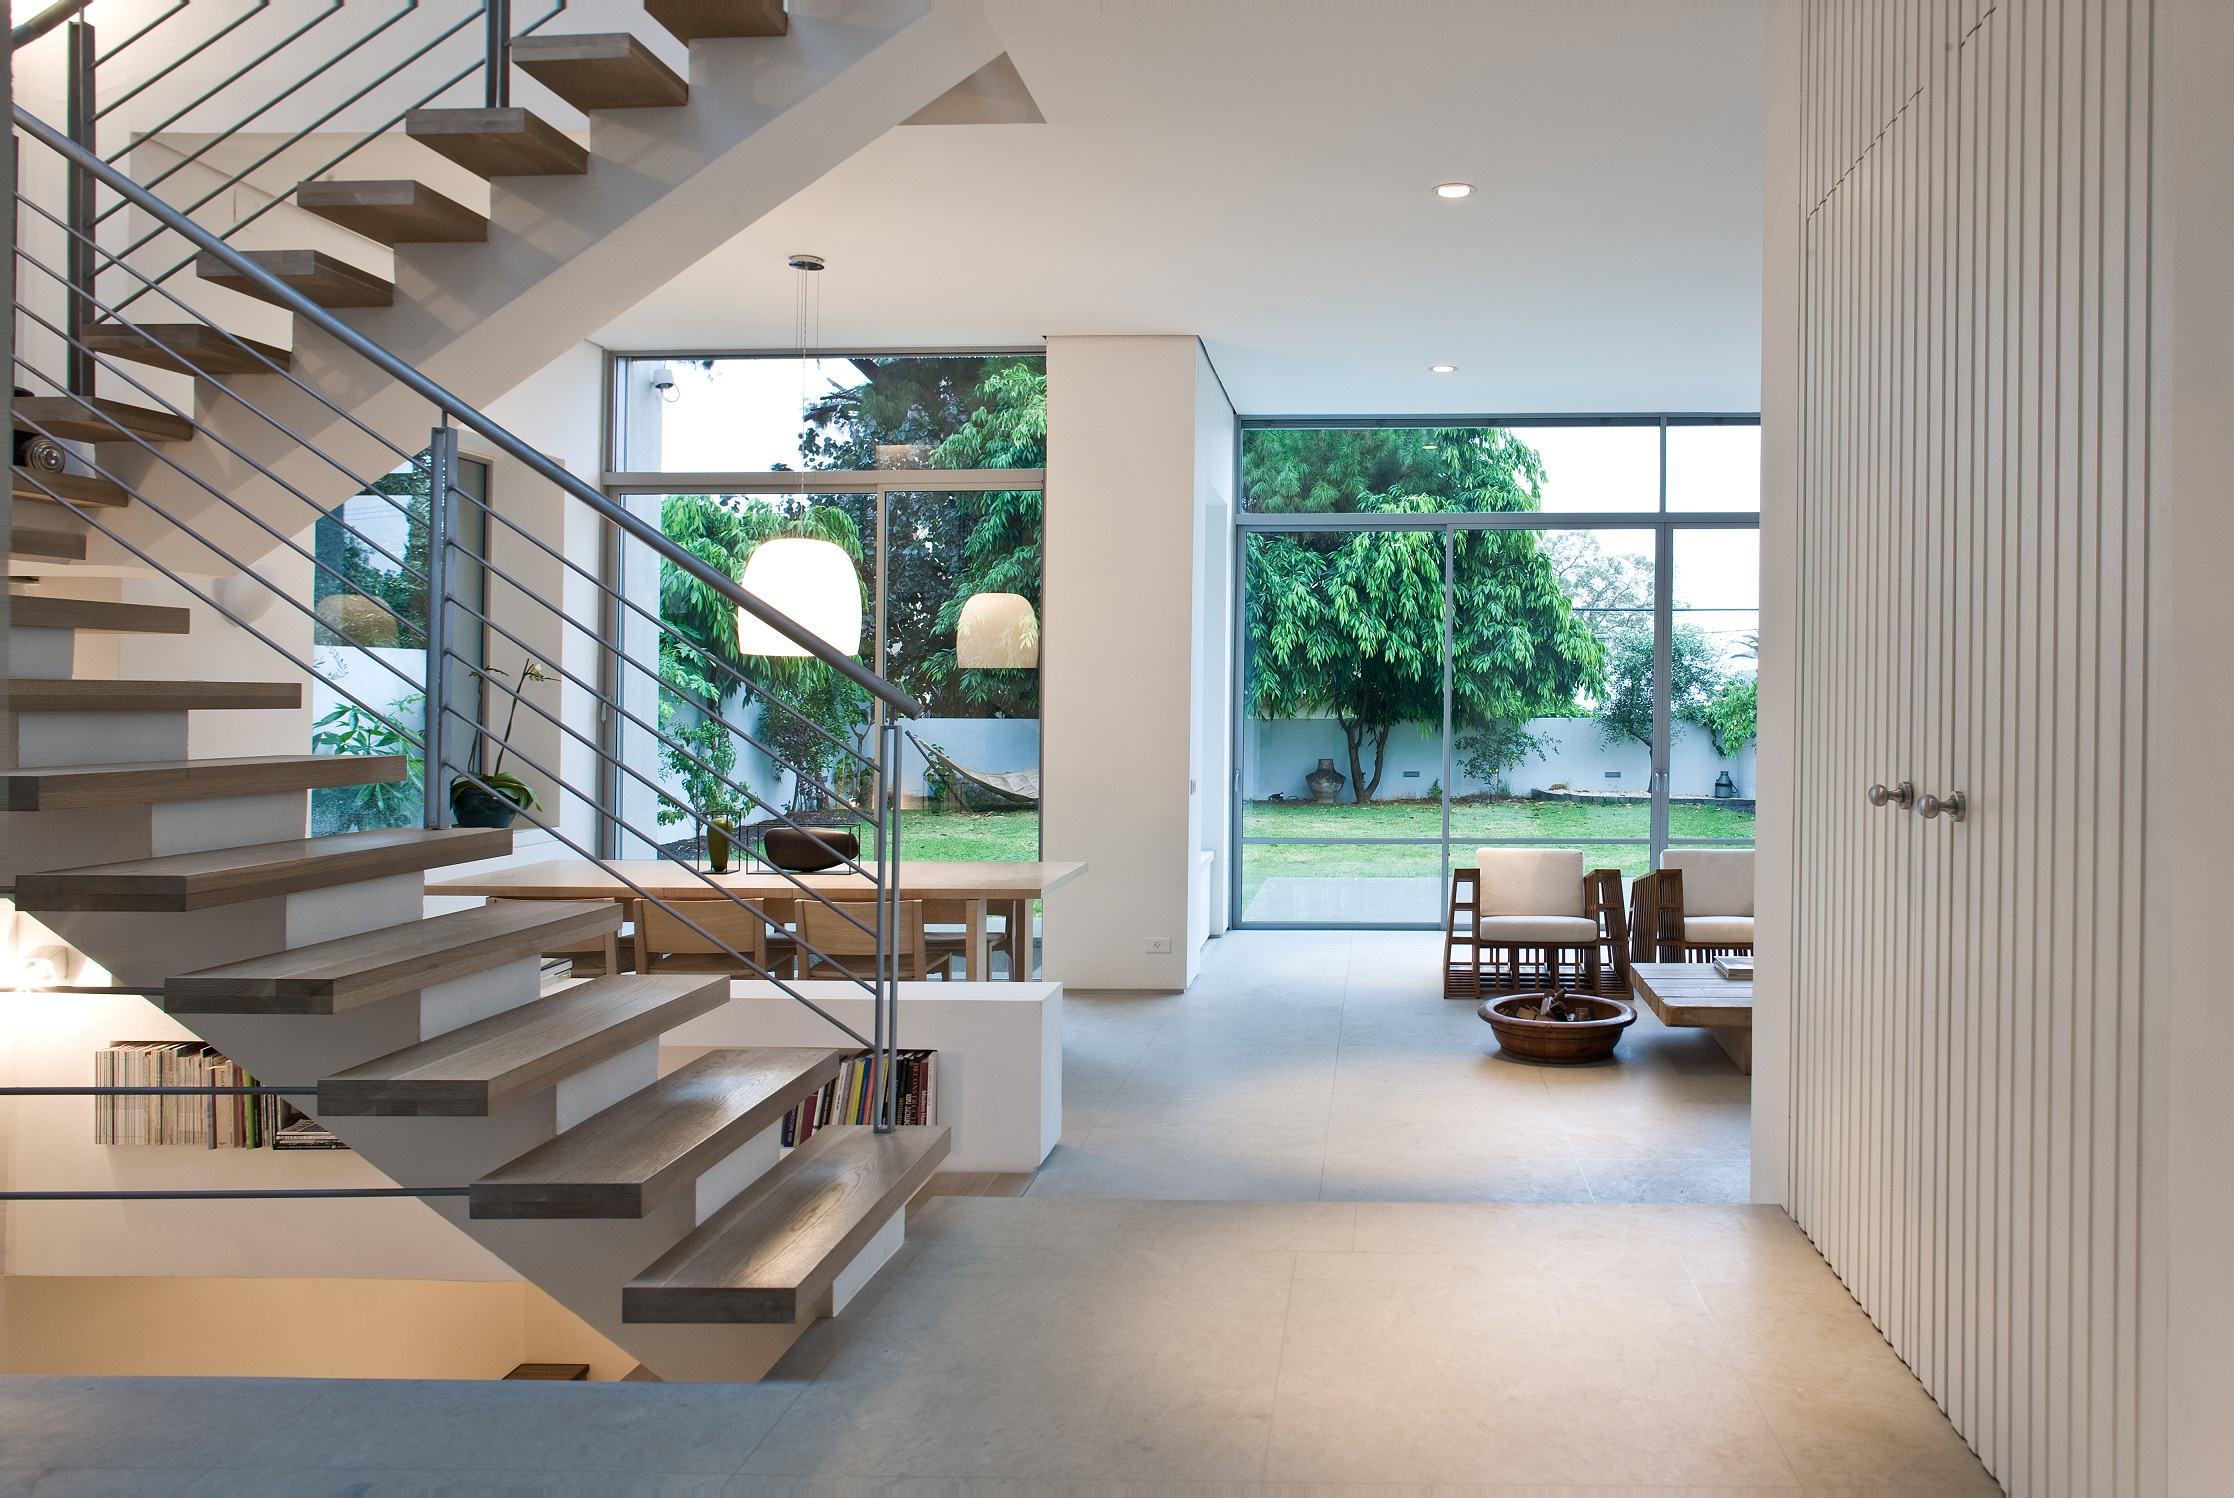 תכנון אדריכל איל בר, באדיבות חברת כוכב אלומיניום, צילום עדי גלעד